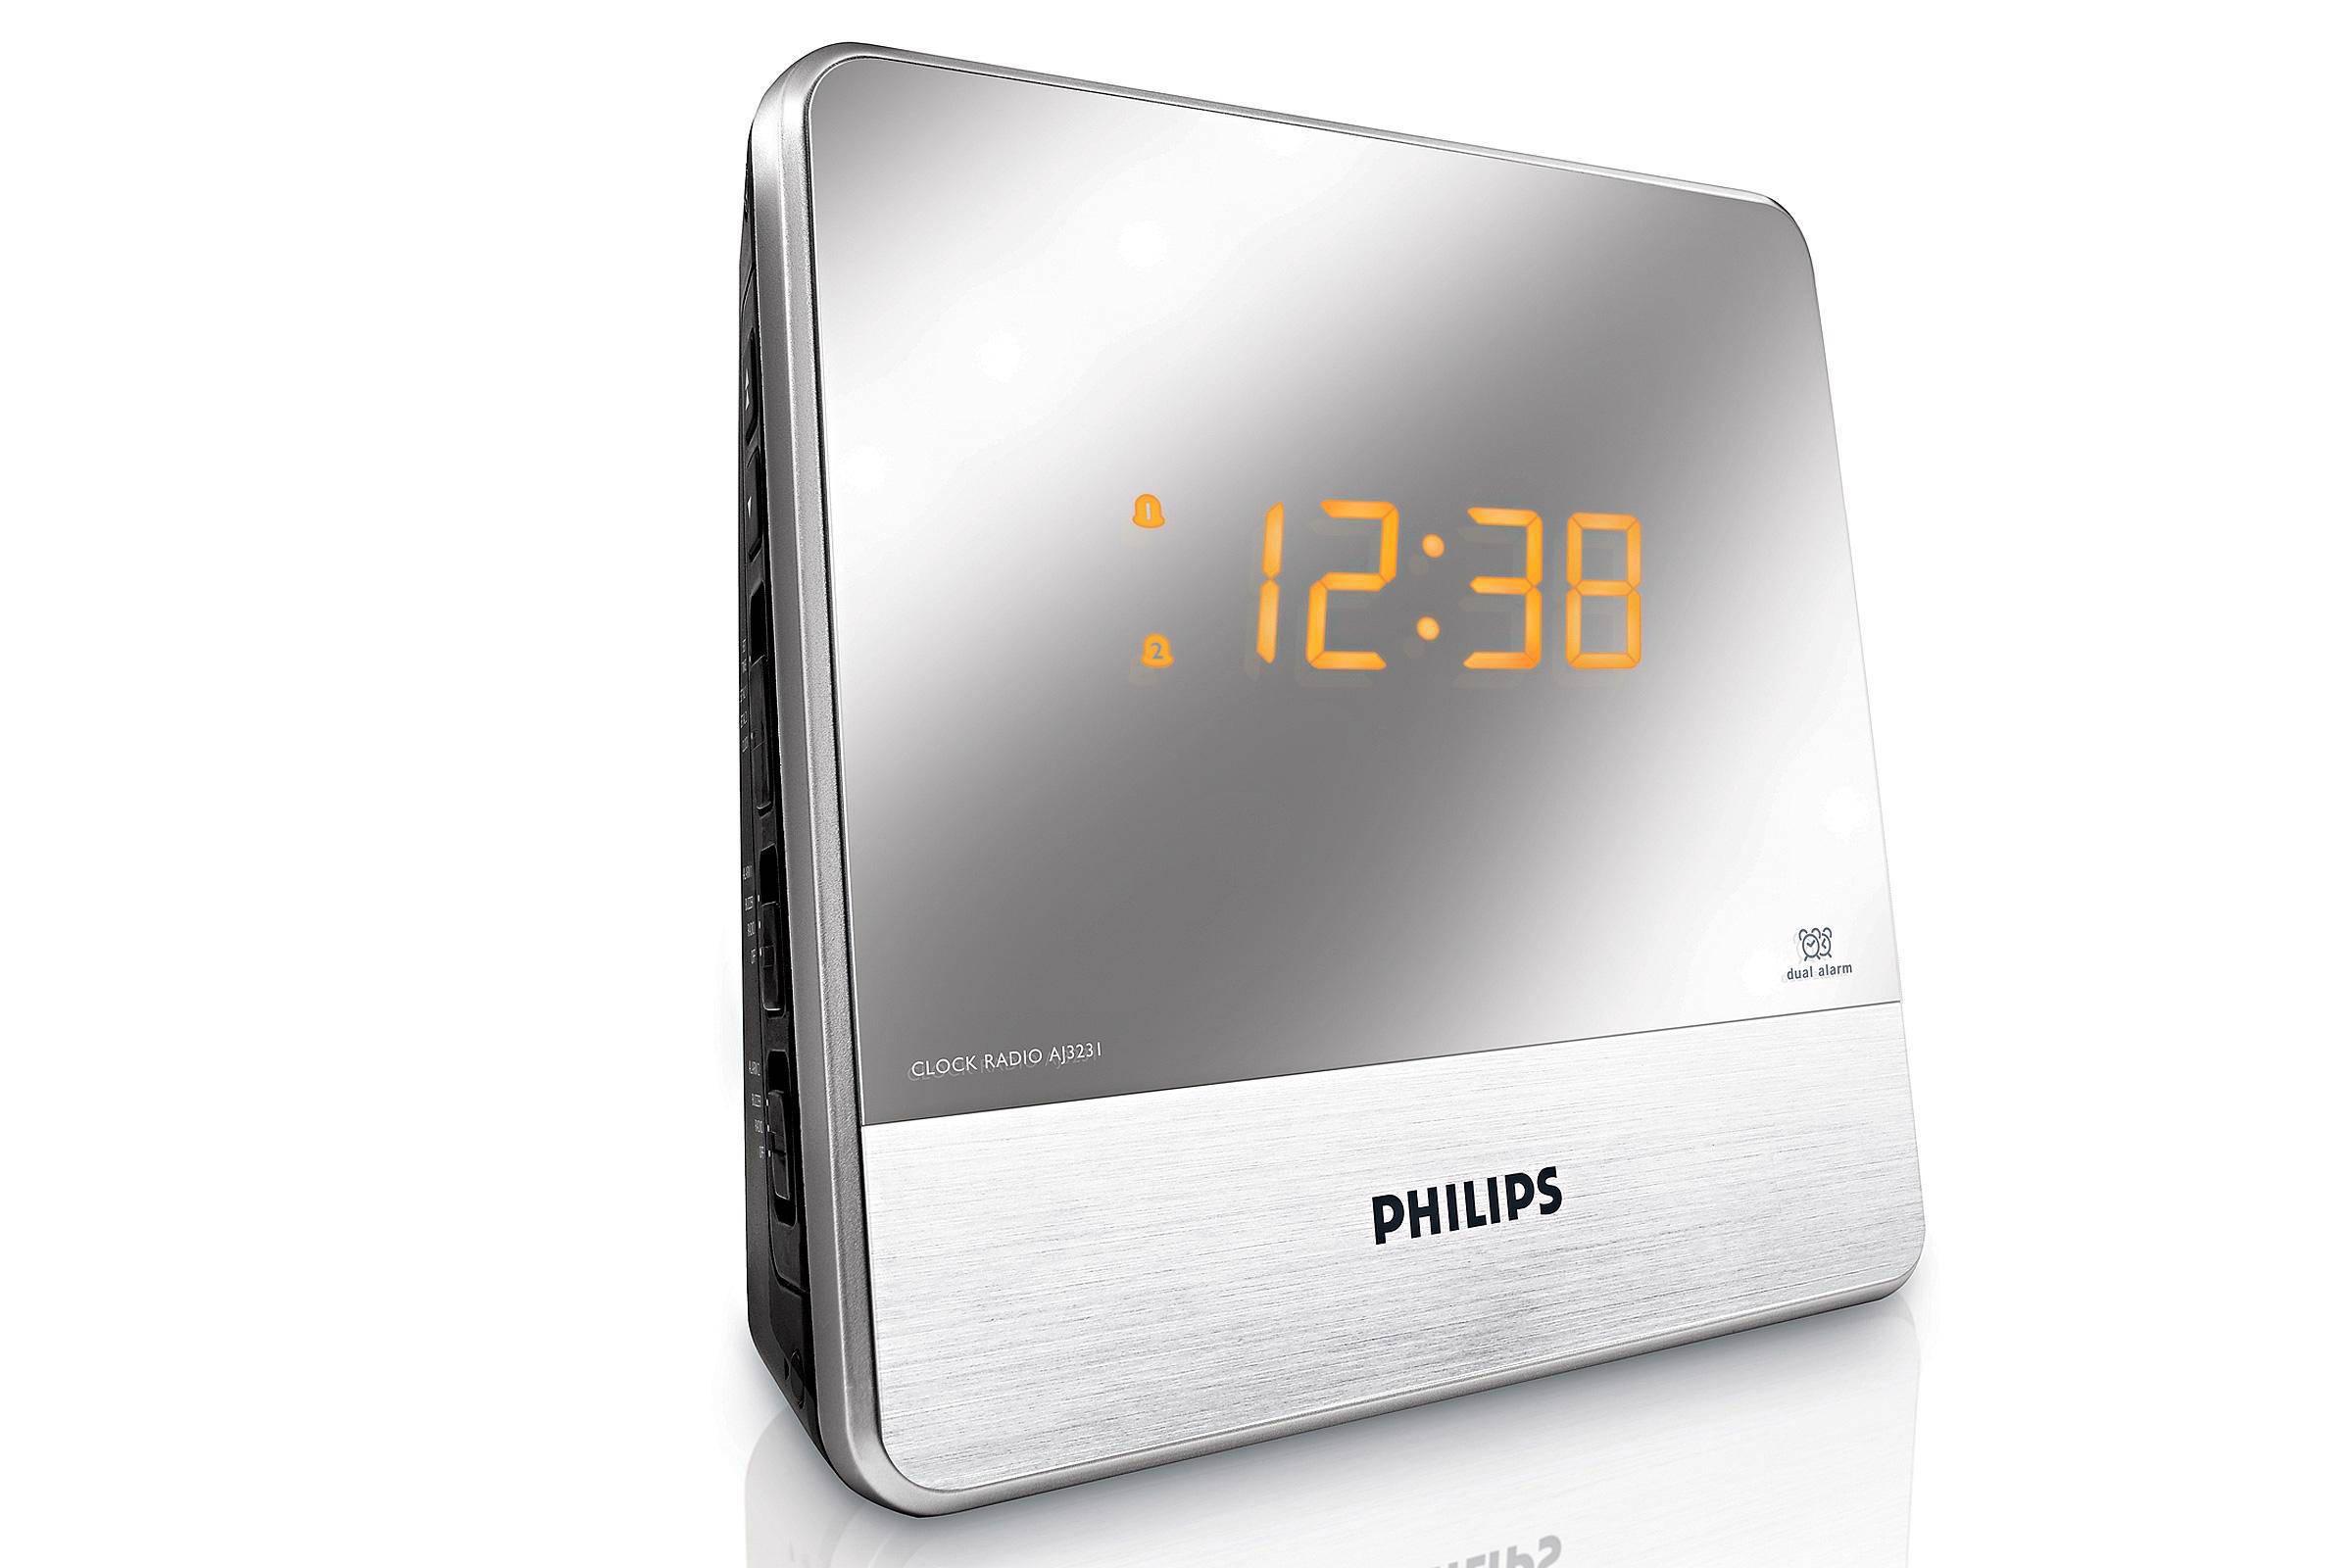 Philips Wekker Licht : Philips aj3231 wekkerradio wehkamp